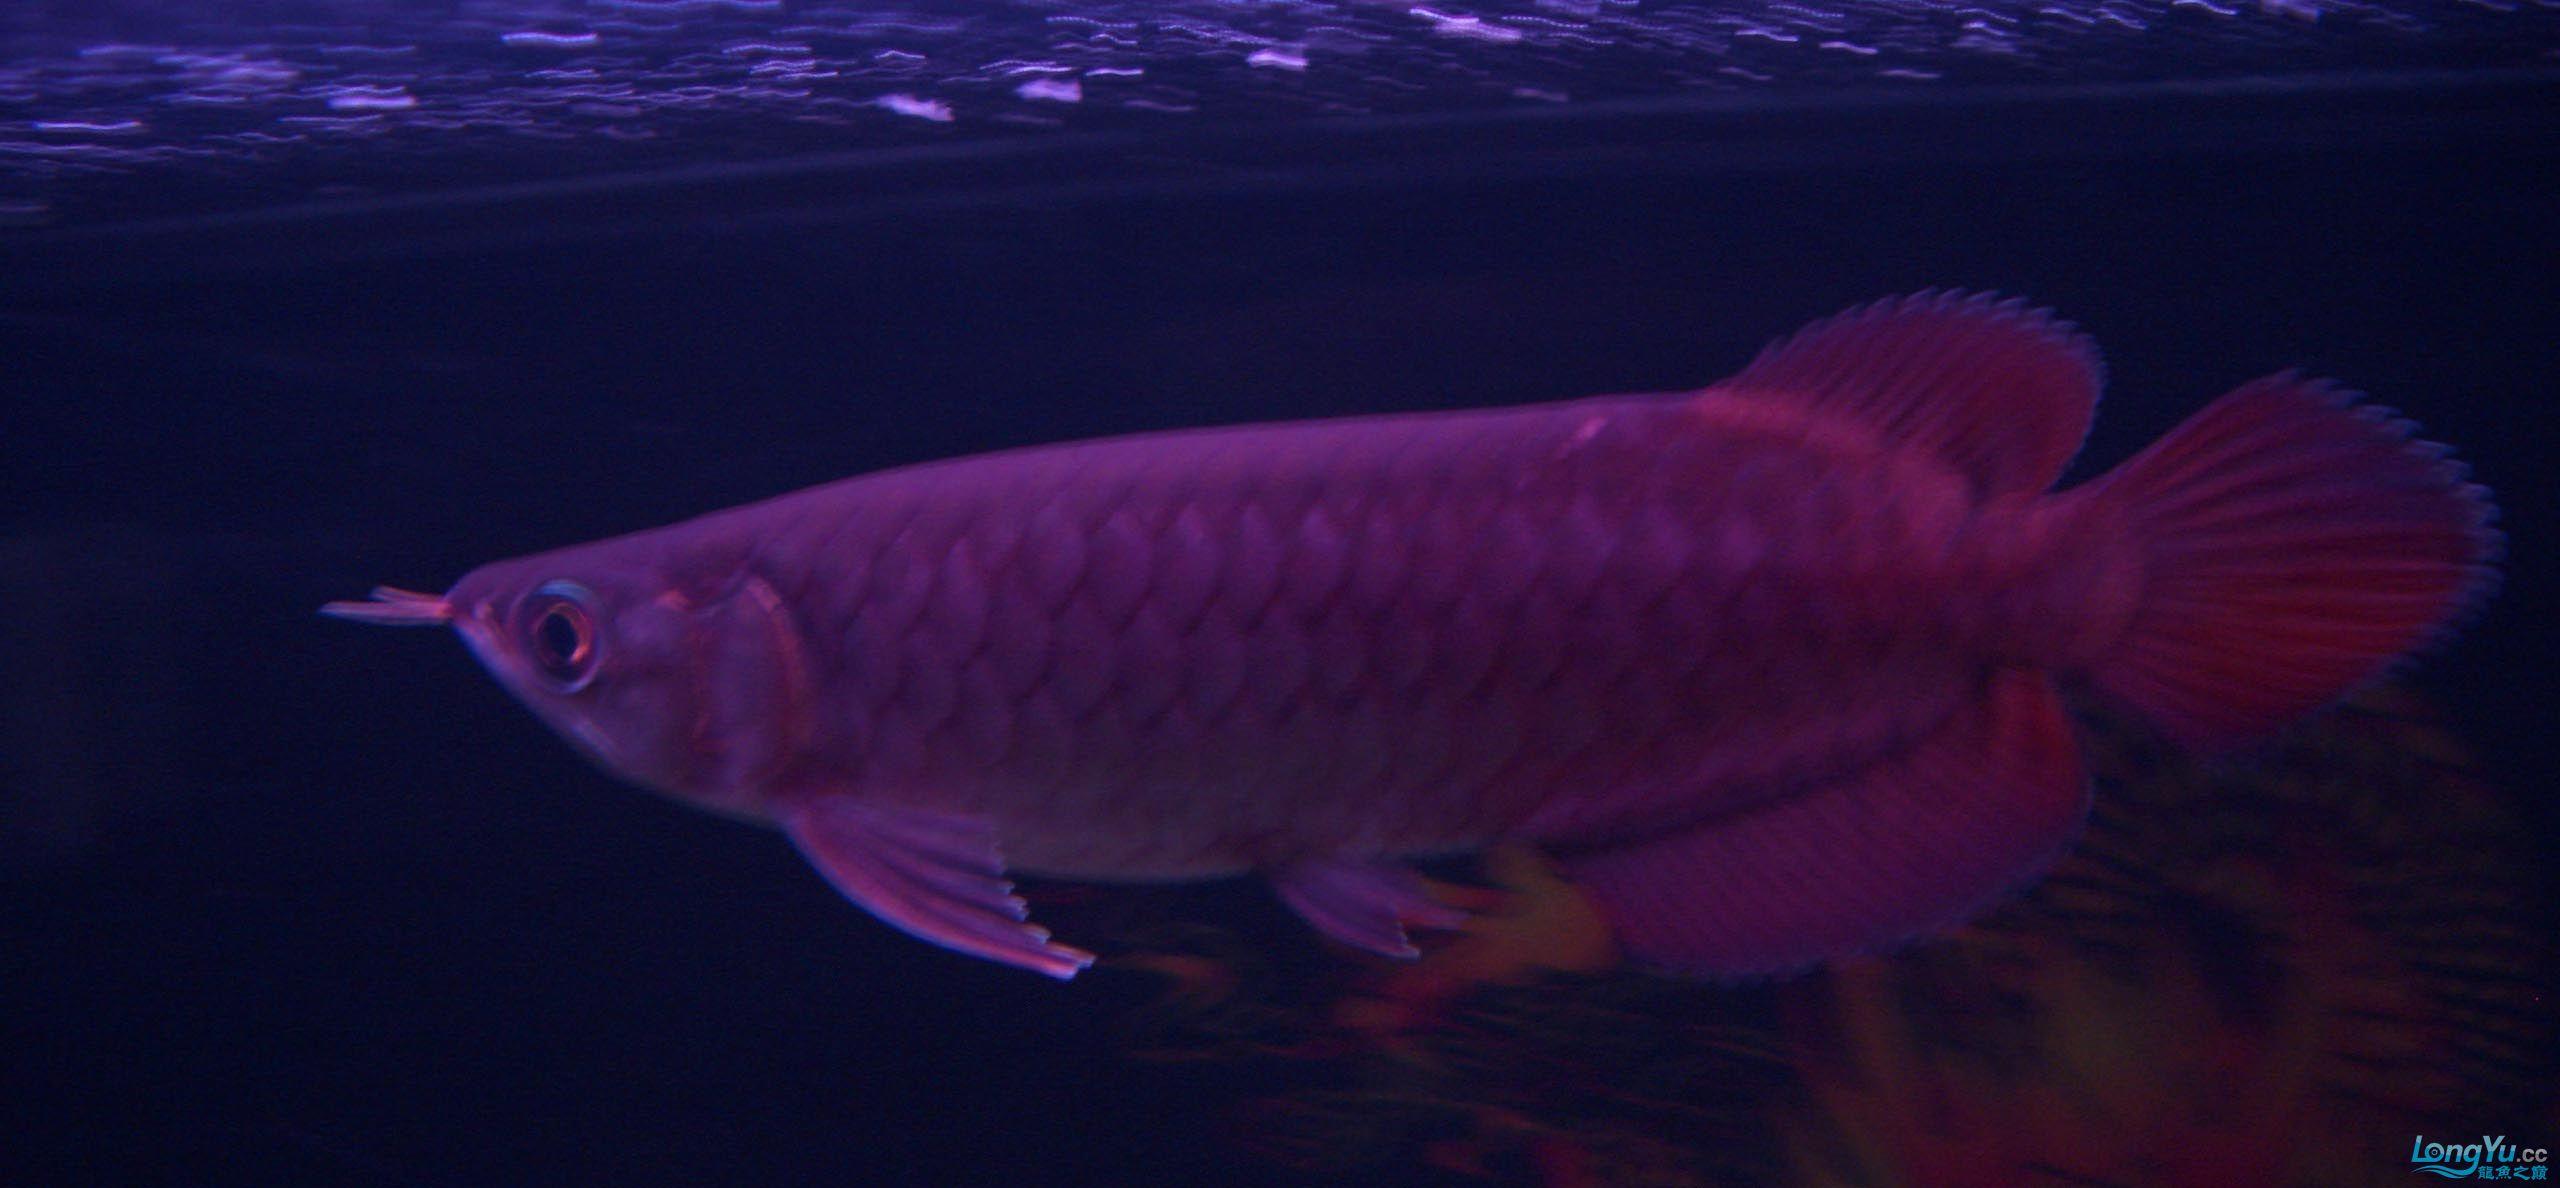 给15公分长须小超血建个档(5月7日更新——女皇大帆】23cm) 西安观赏鱼信息 西安博特第12张